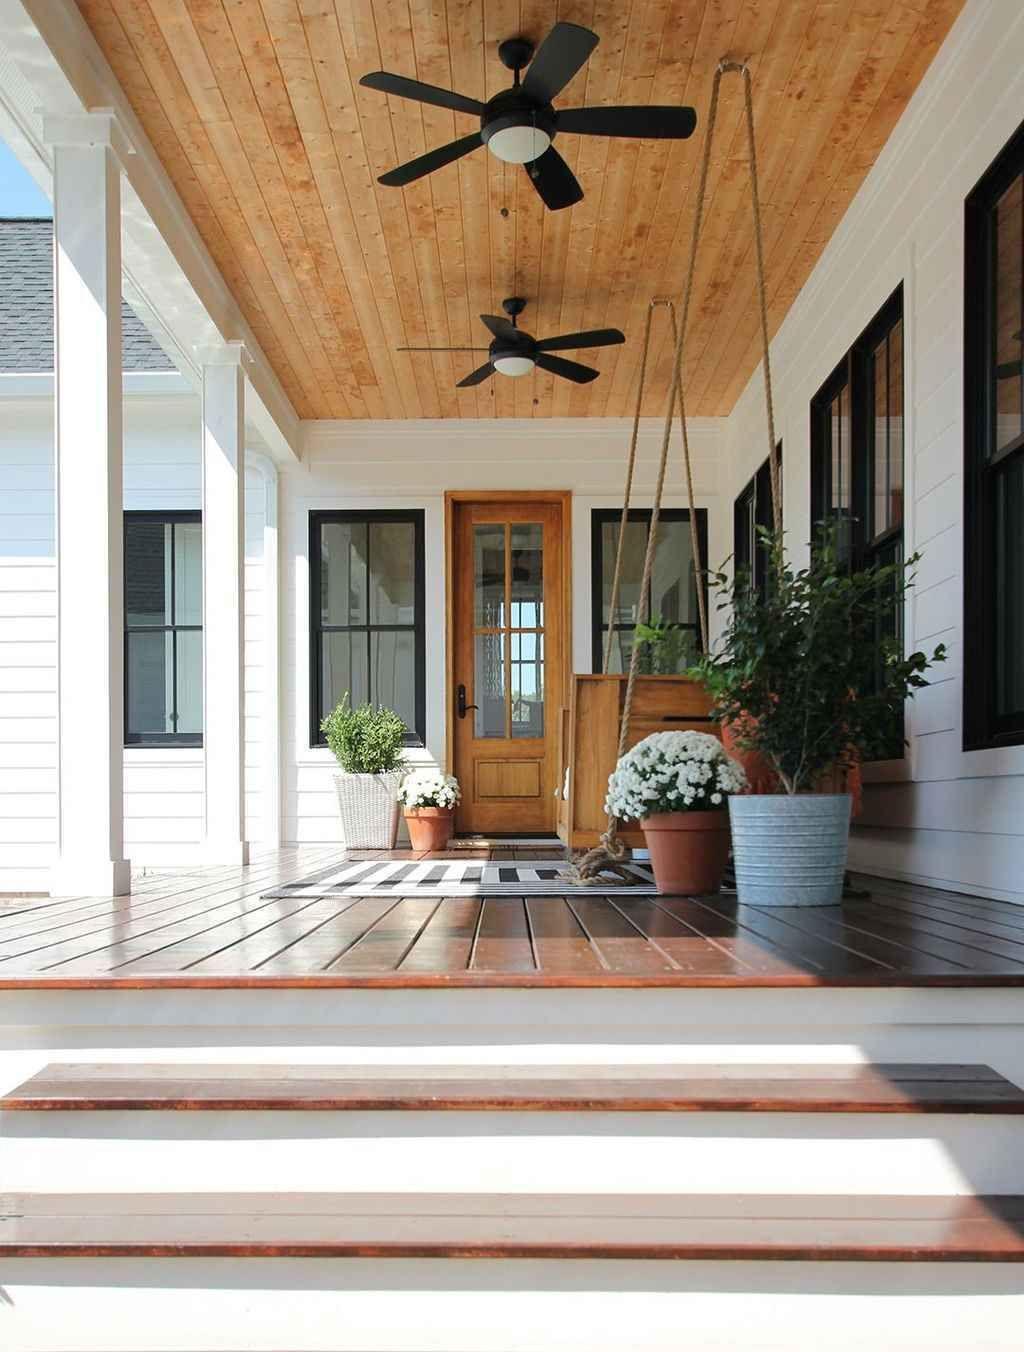 55 cozy farmhouse screened in porch design ideas in 2020